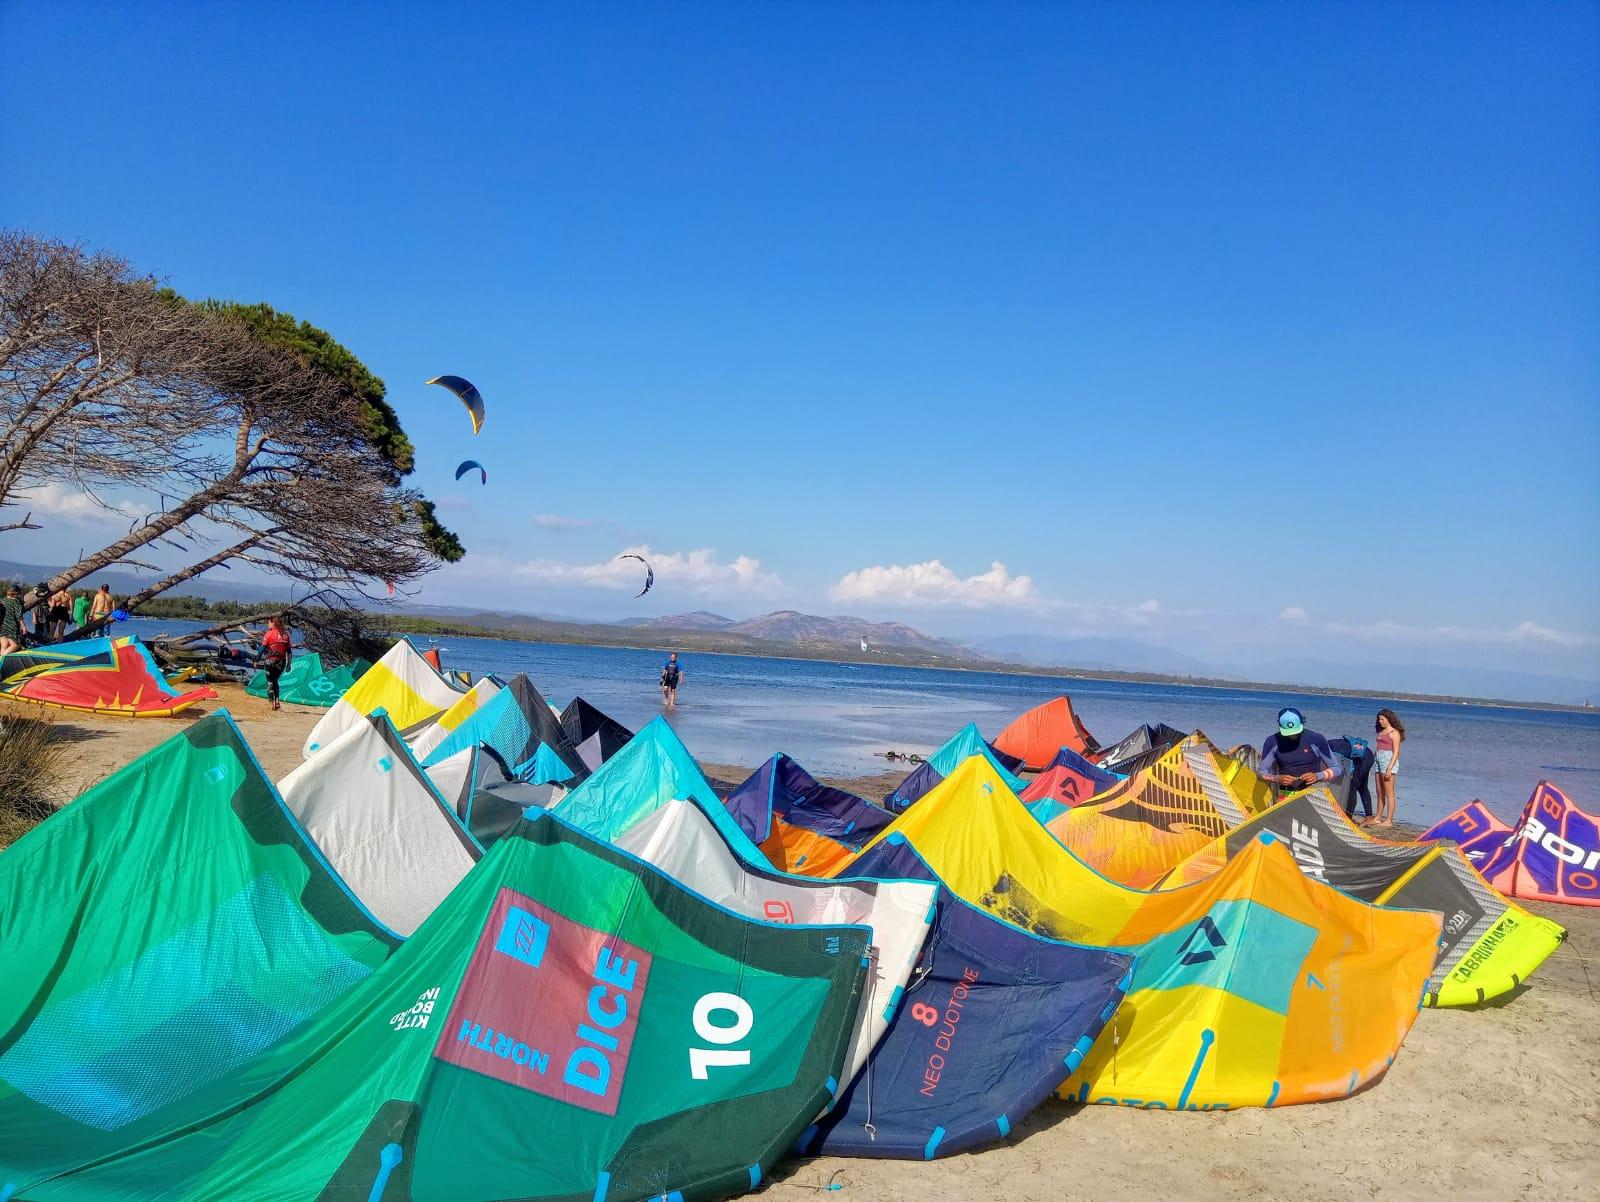 Kitesurf Sardegna: I Migliori Kite Spot